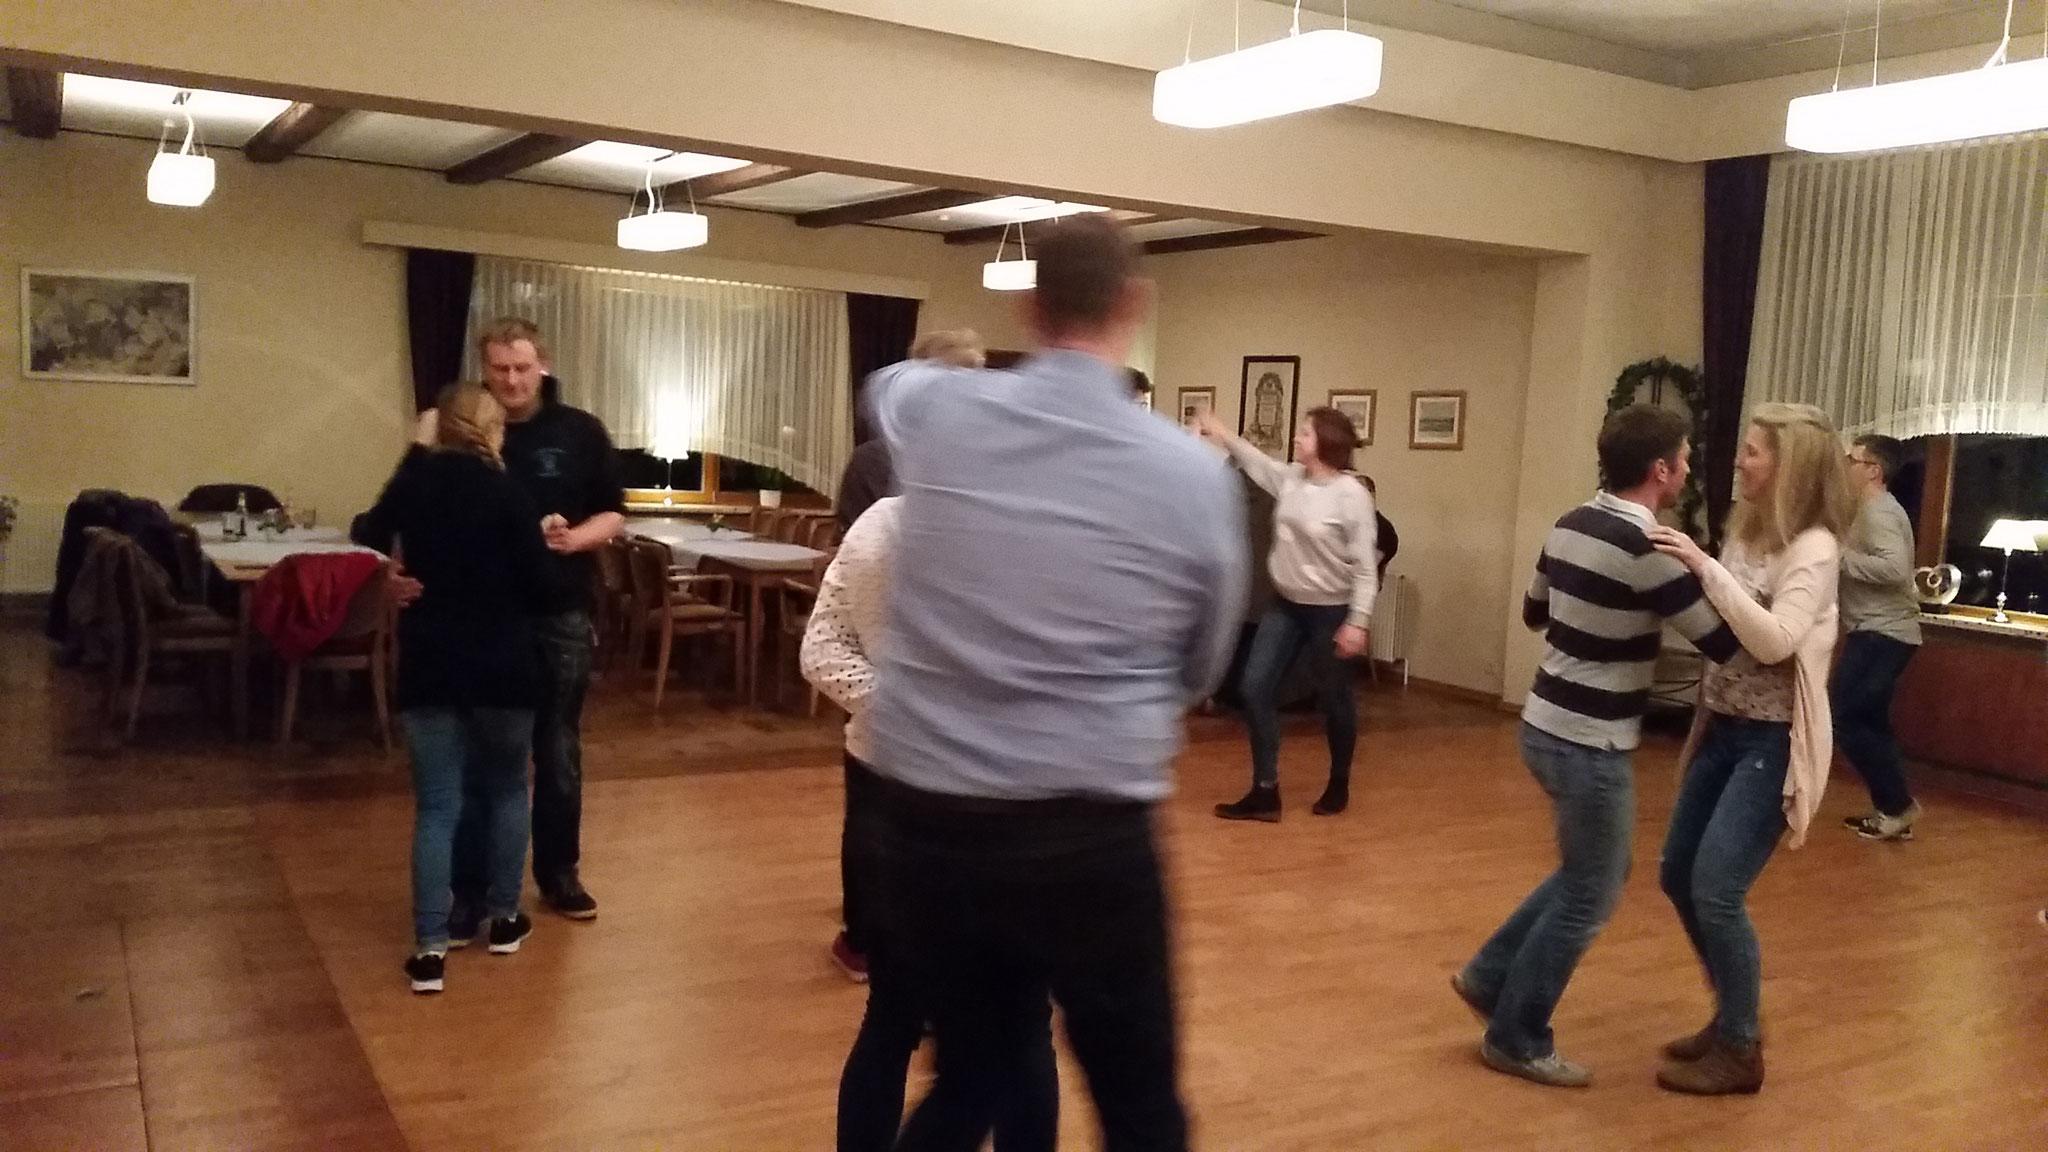 Unsere Tanzkurse in der Vereinsstätte Güby bei Schleswig